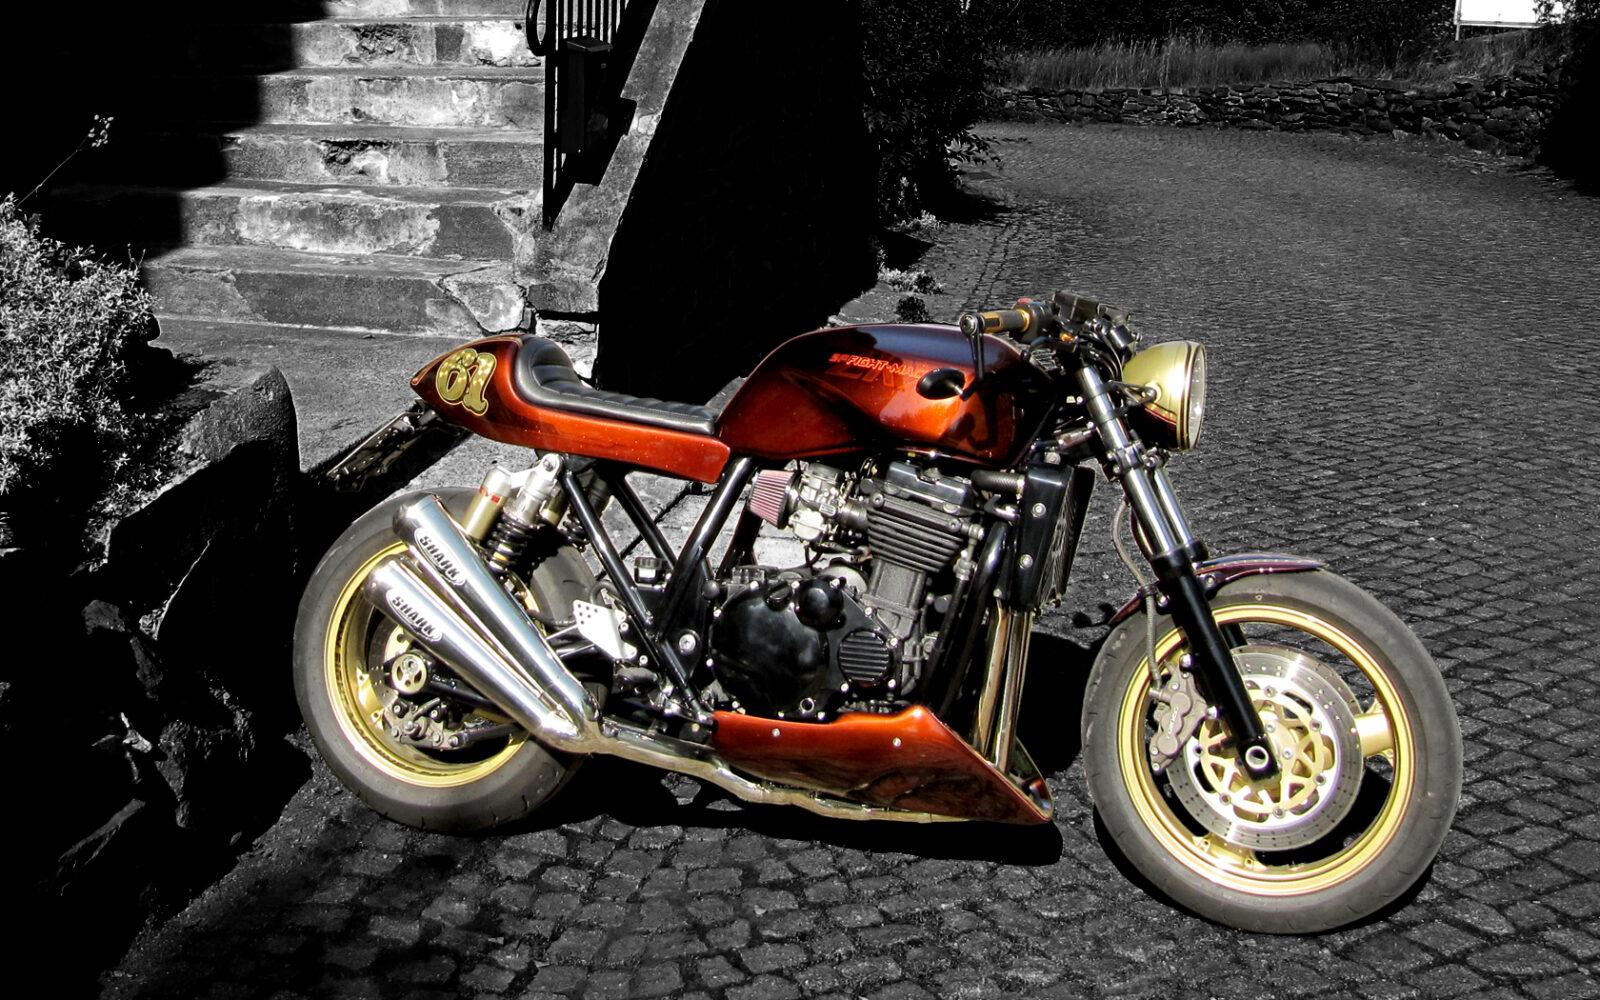 [:de]zrx caferacer Bike Schubert101[:]